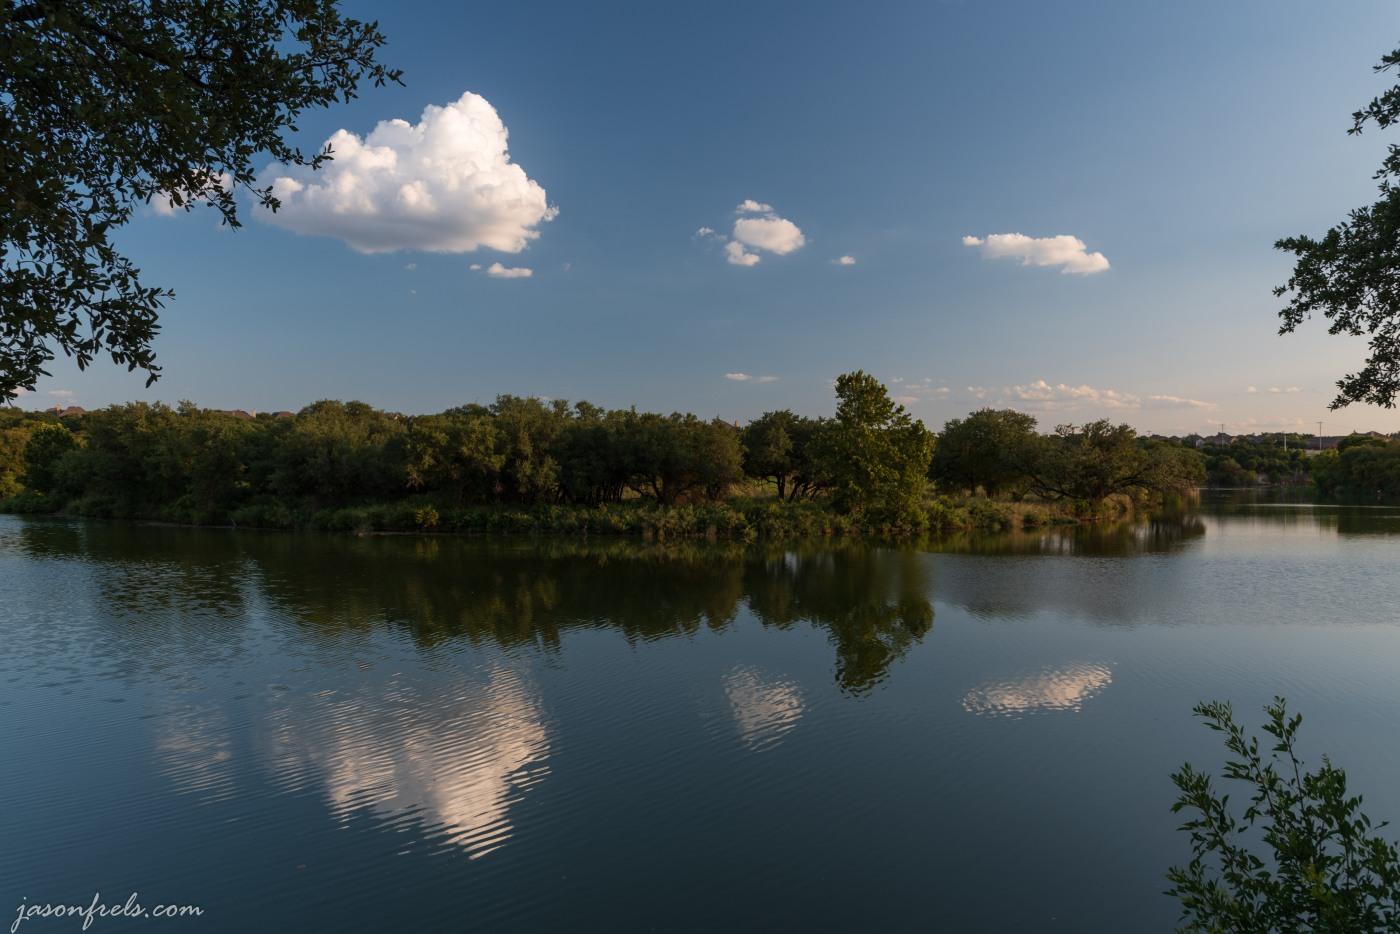 reflections at Brushy Creek Park